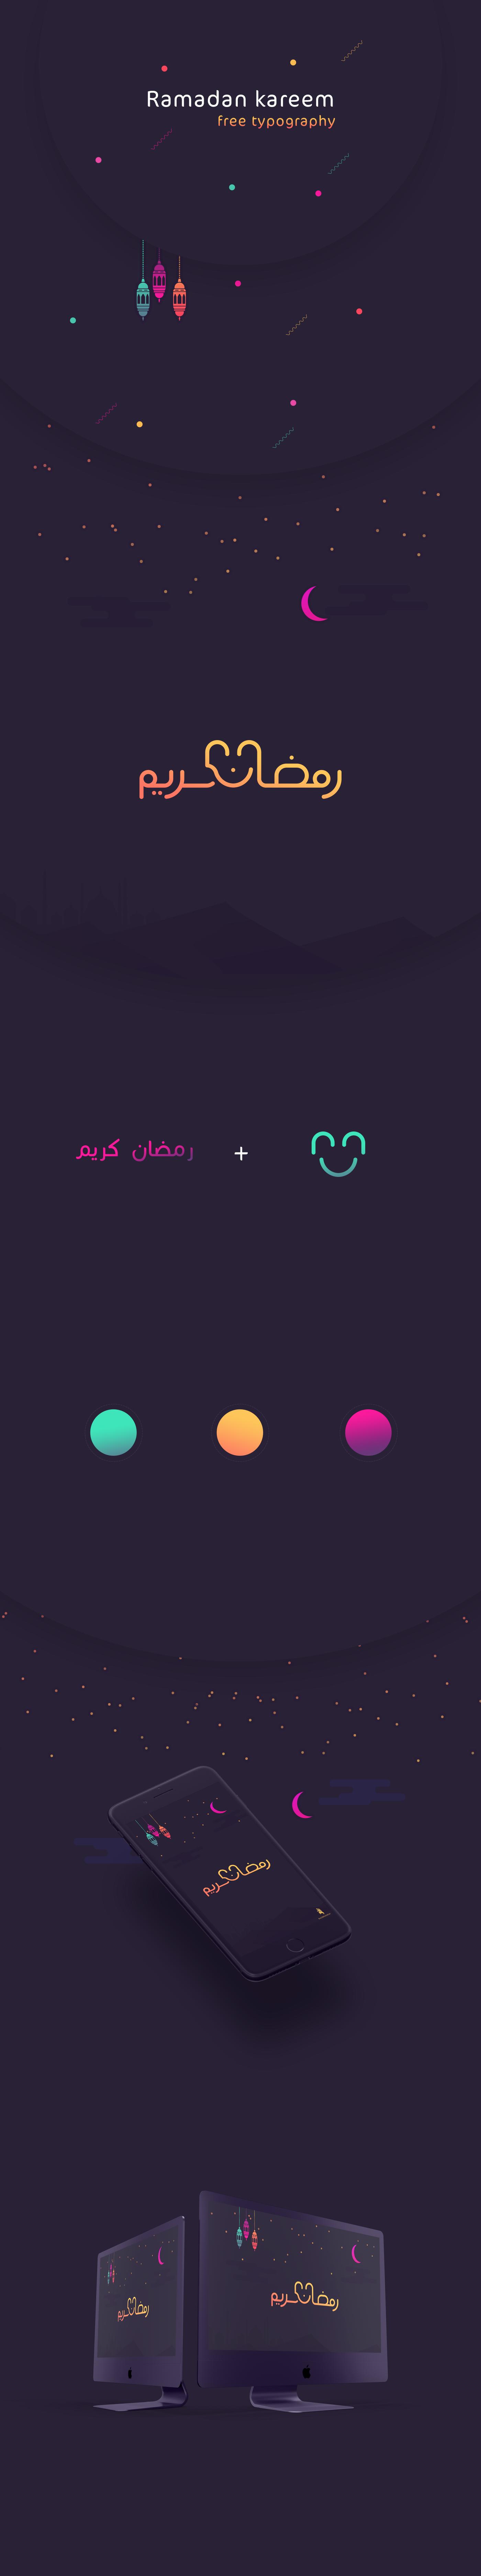 مخطوطة رمضان كريم – مجانا